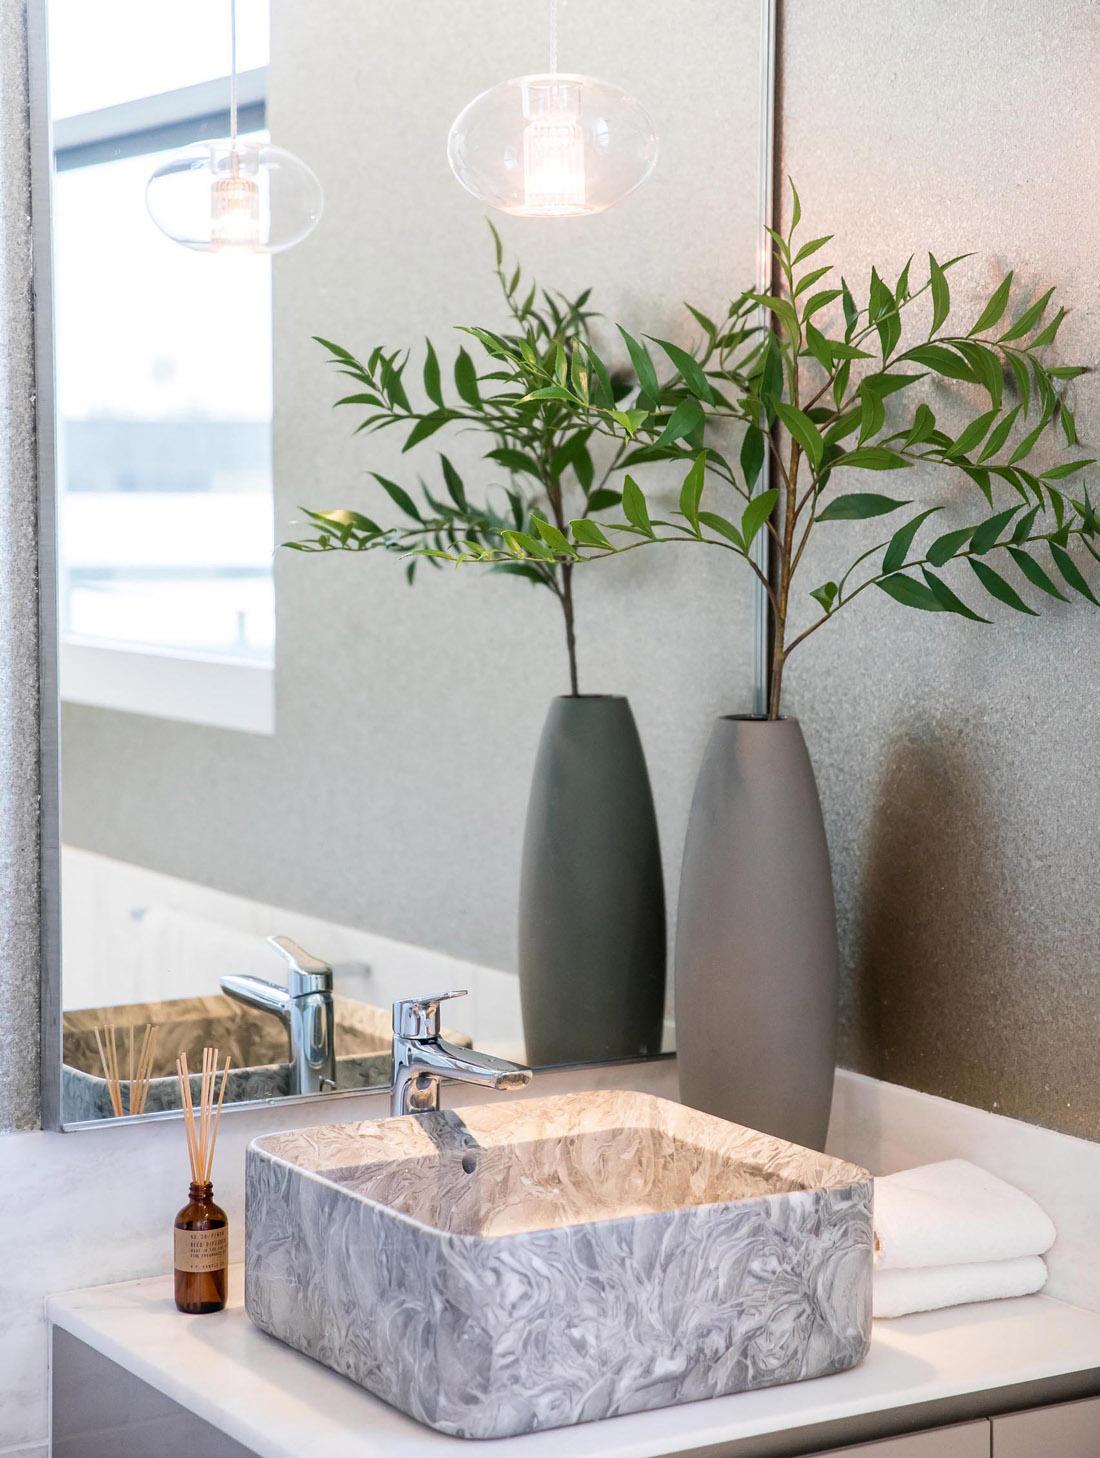 modern-bathroom-vanity-291020-757-16